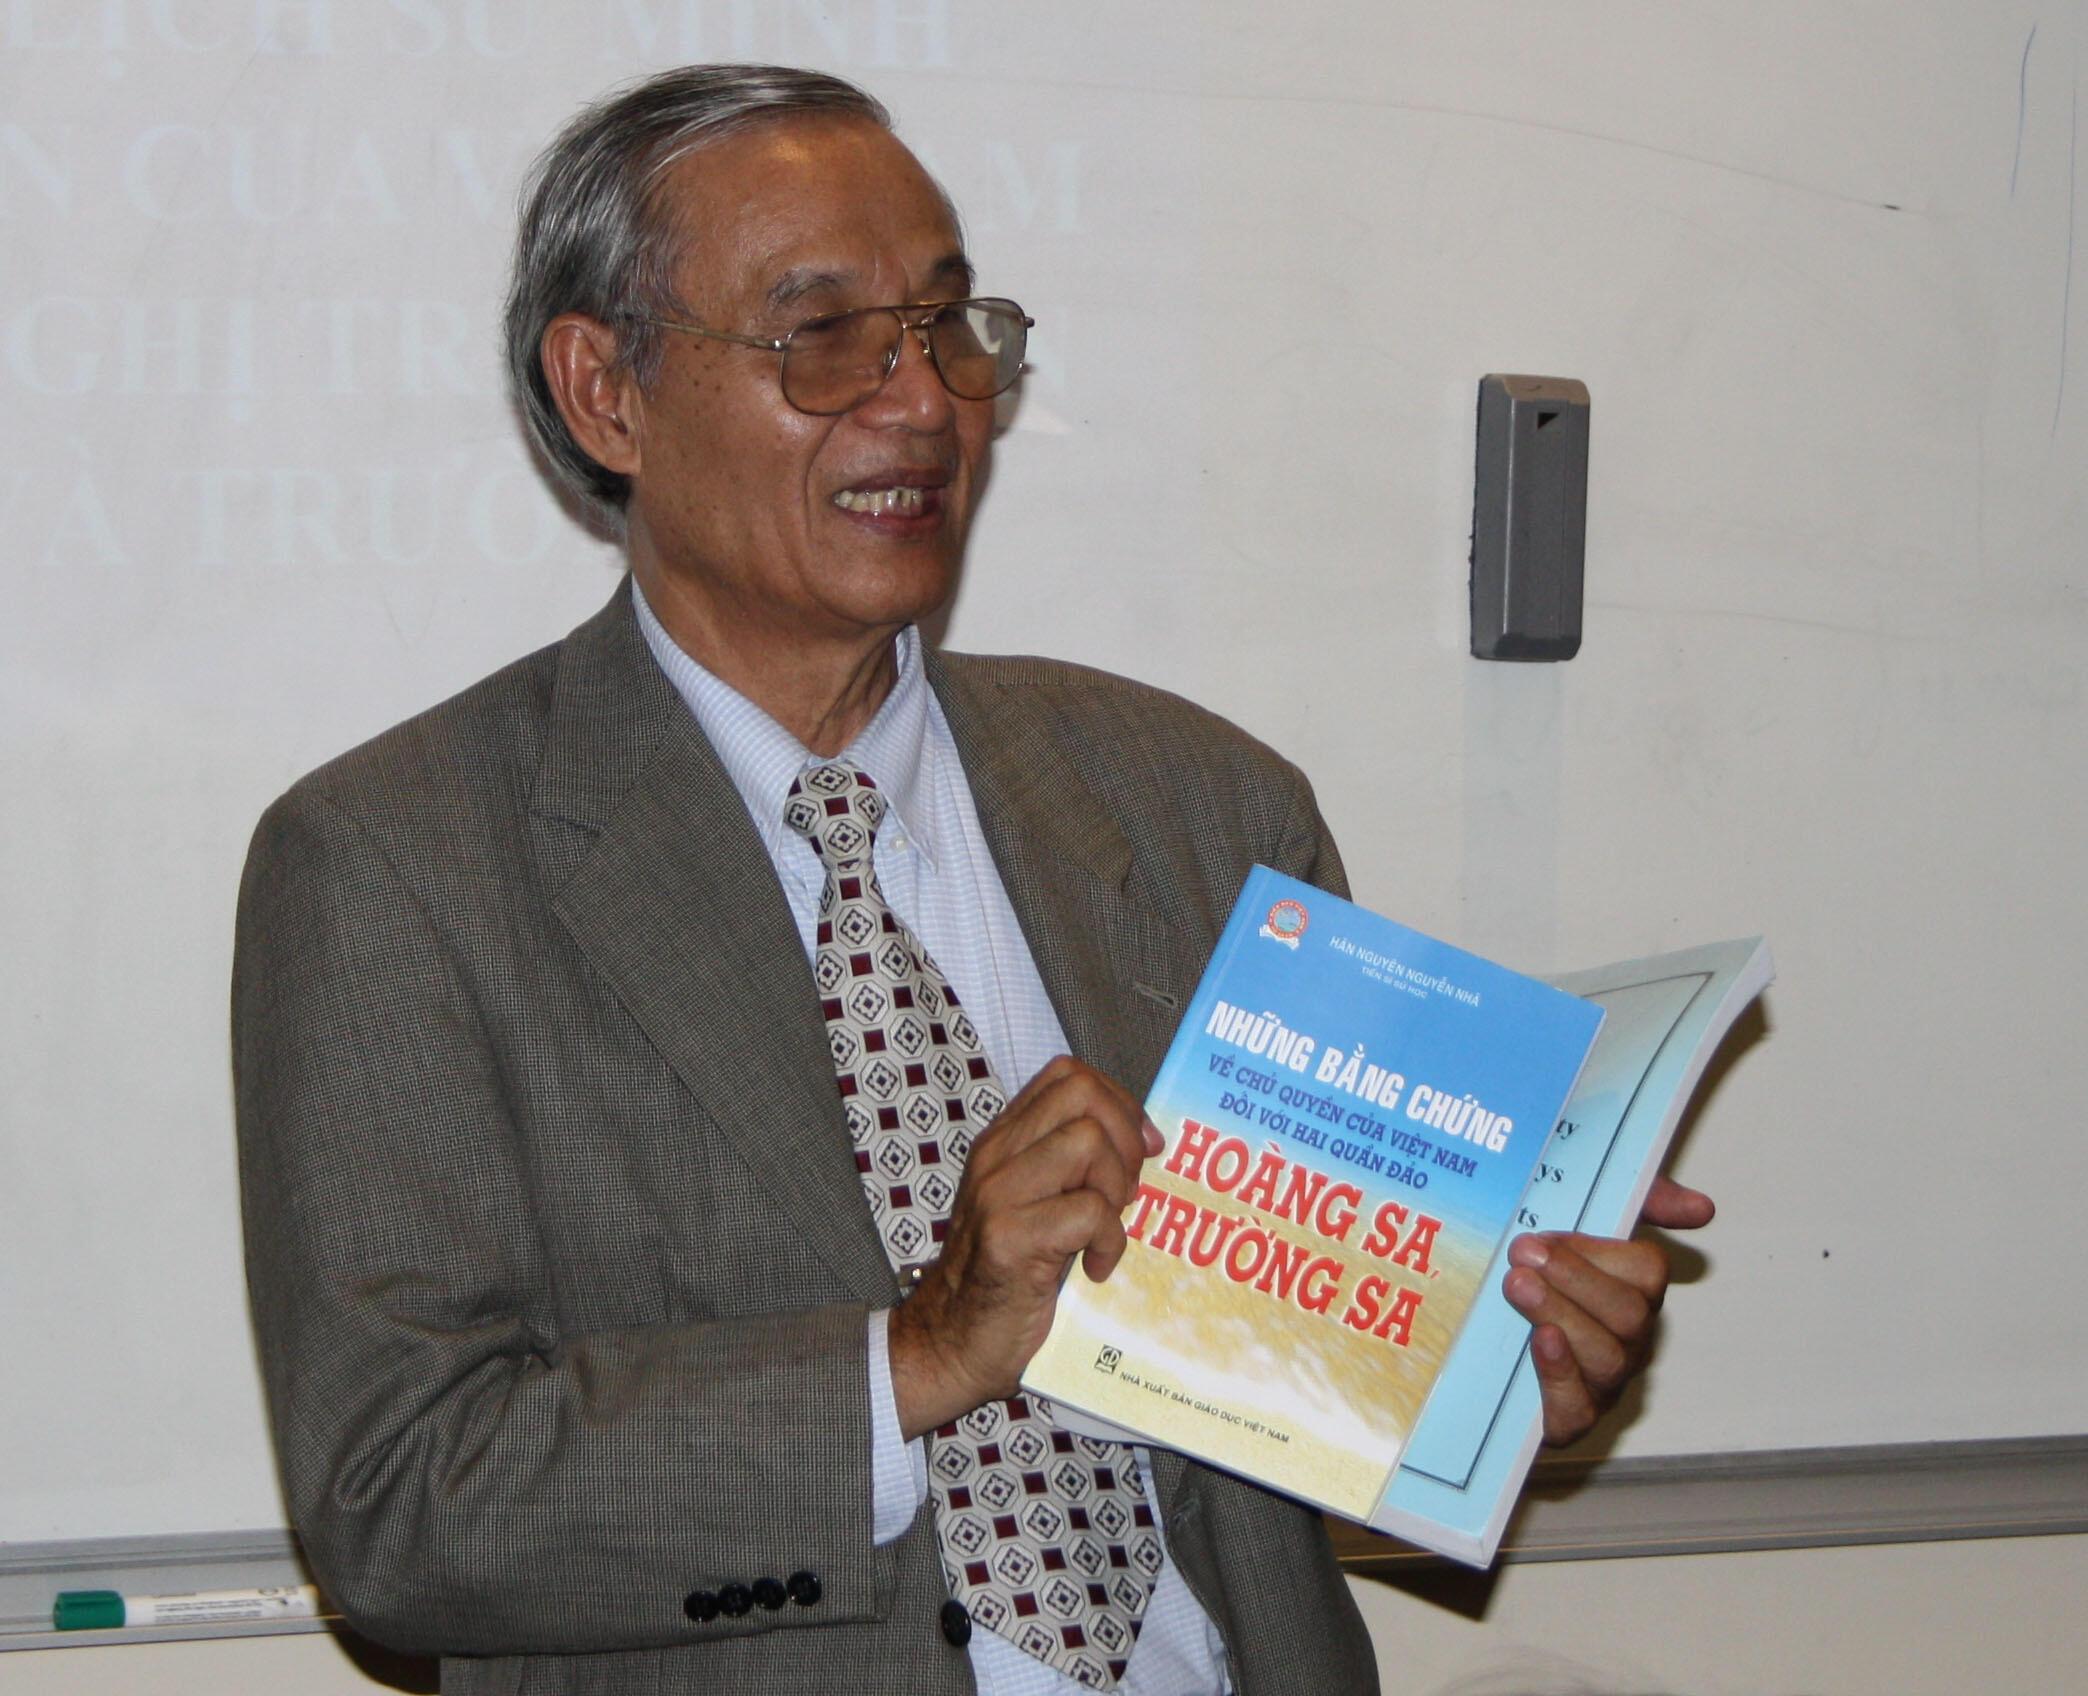 TS Nguyễn Nhã nói chuyện về chủ quyền HS-TS với người Việt tại Paris ngày 03/09/2013.